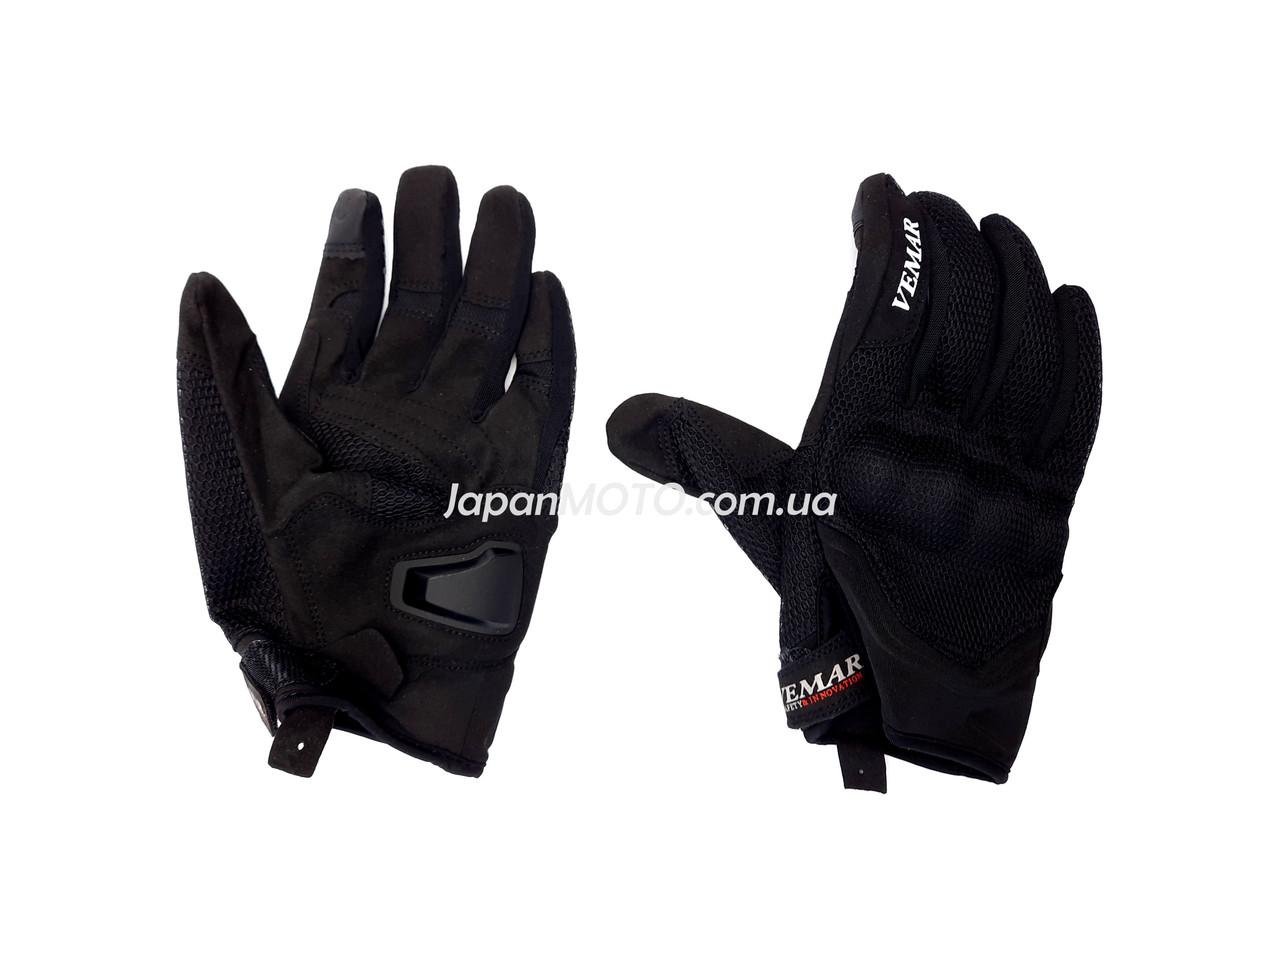 Перчатки VEMAR VE-173 сенсорный палец (size: M, черные)